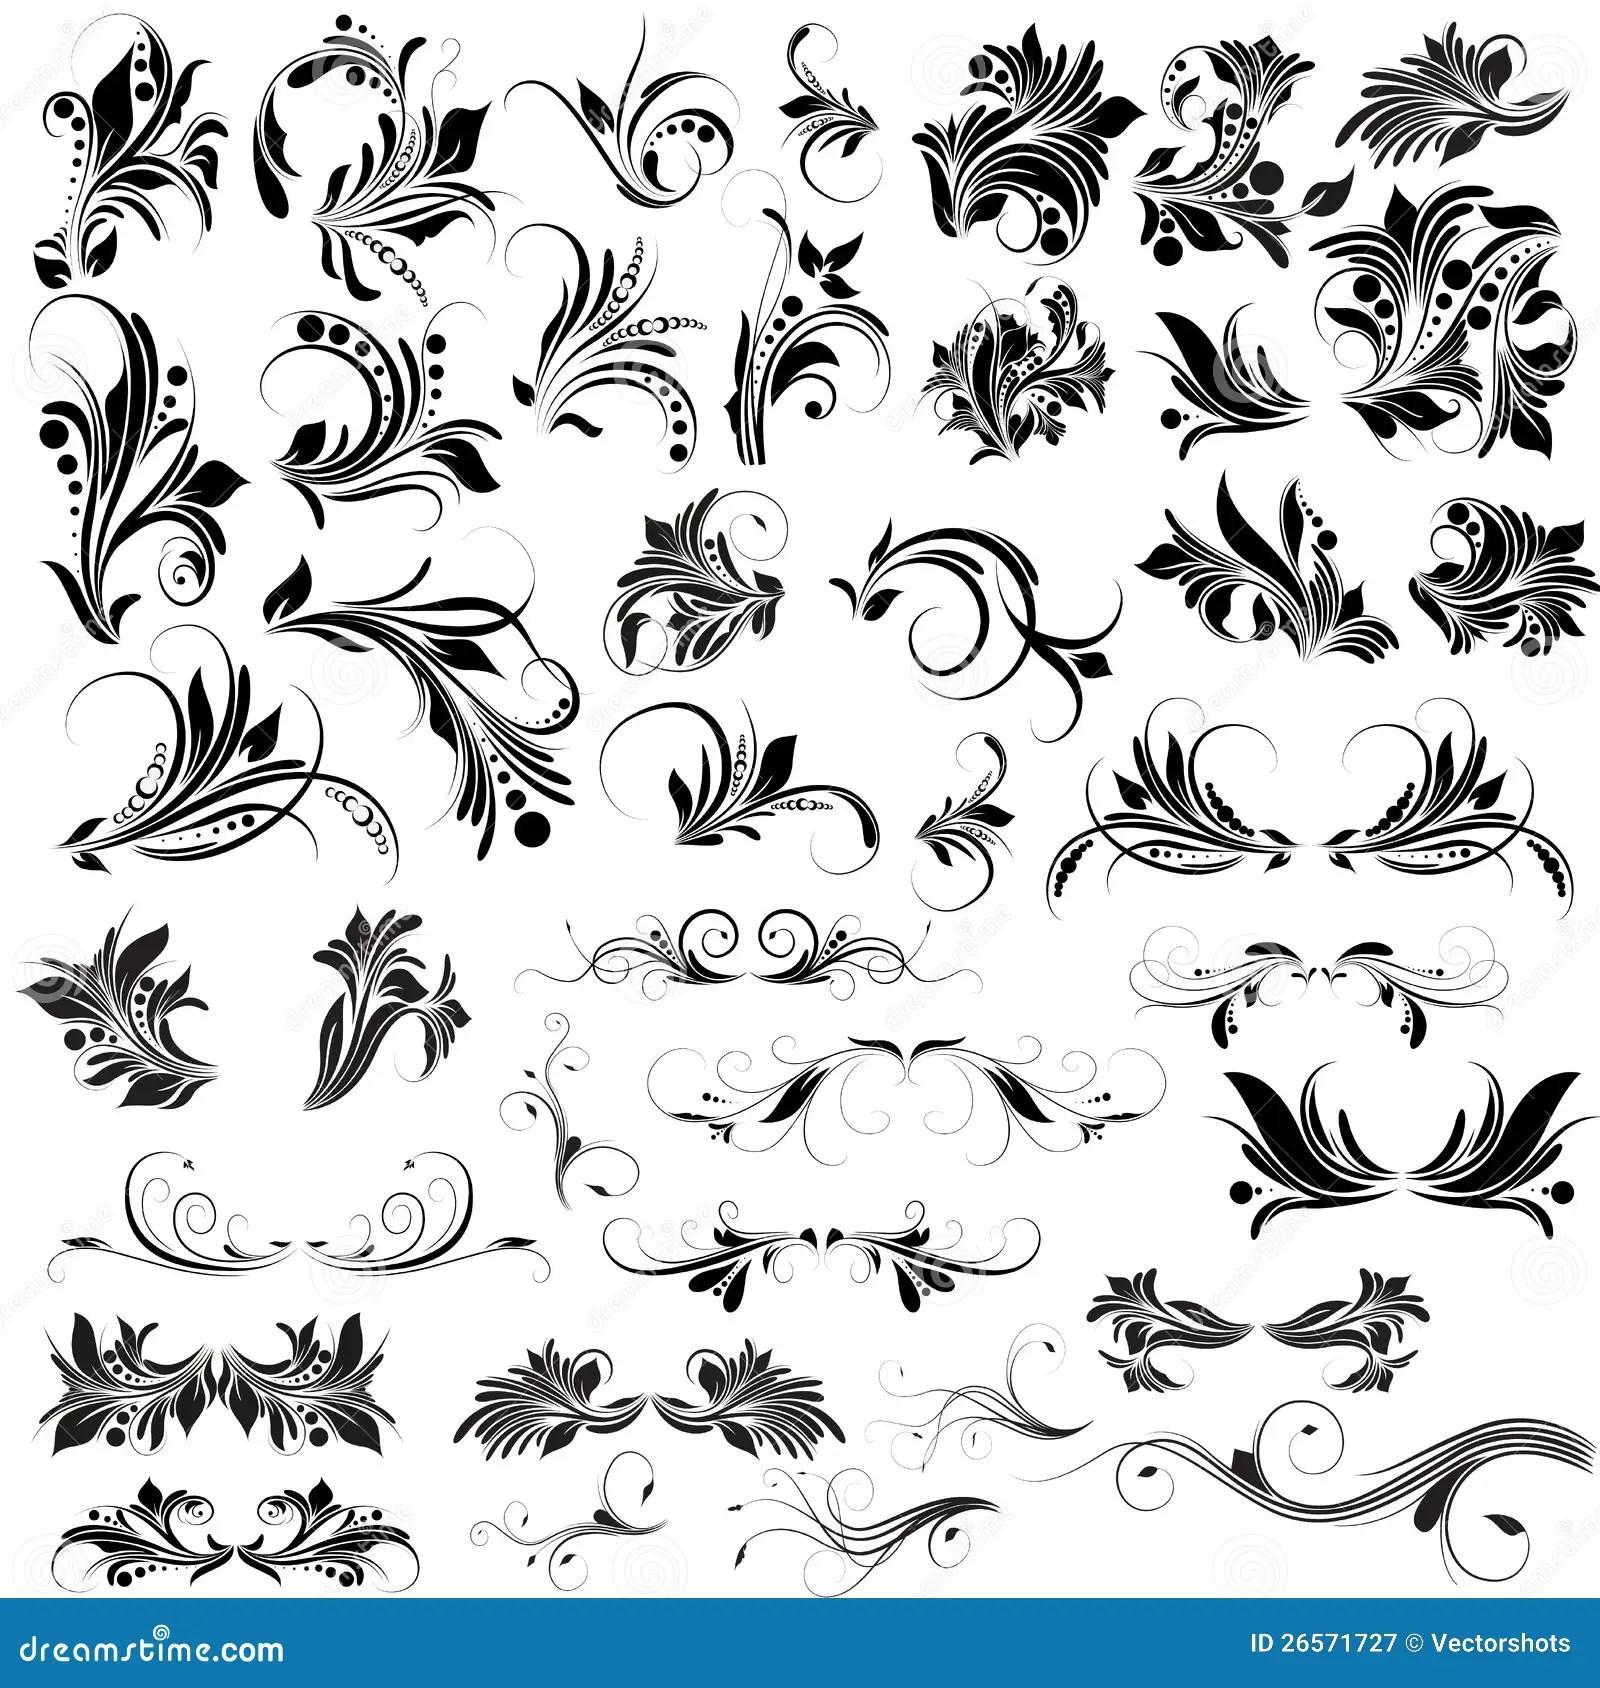 Flourish Vectors Elements Stock Illustration Illustration